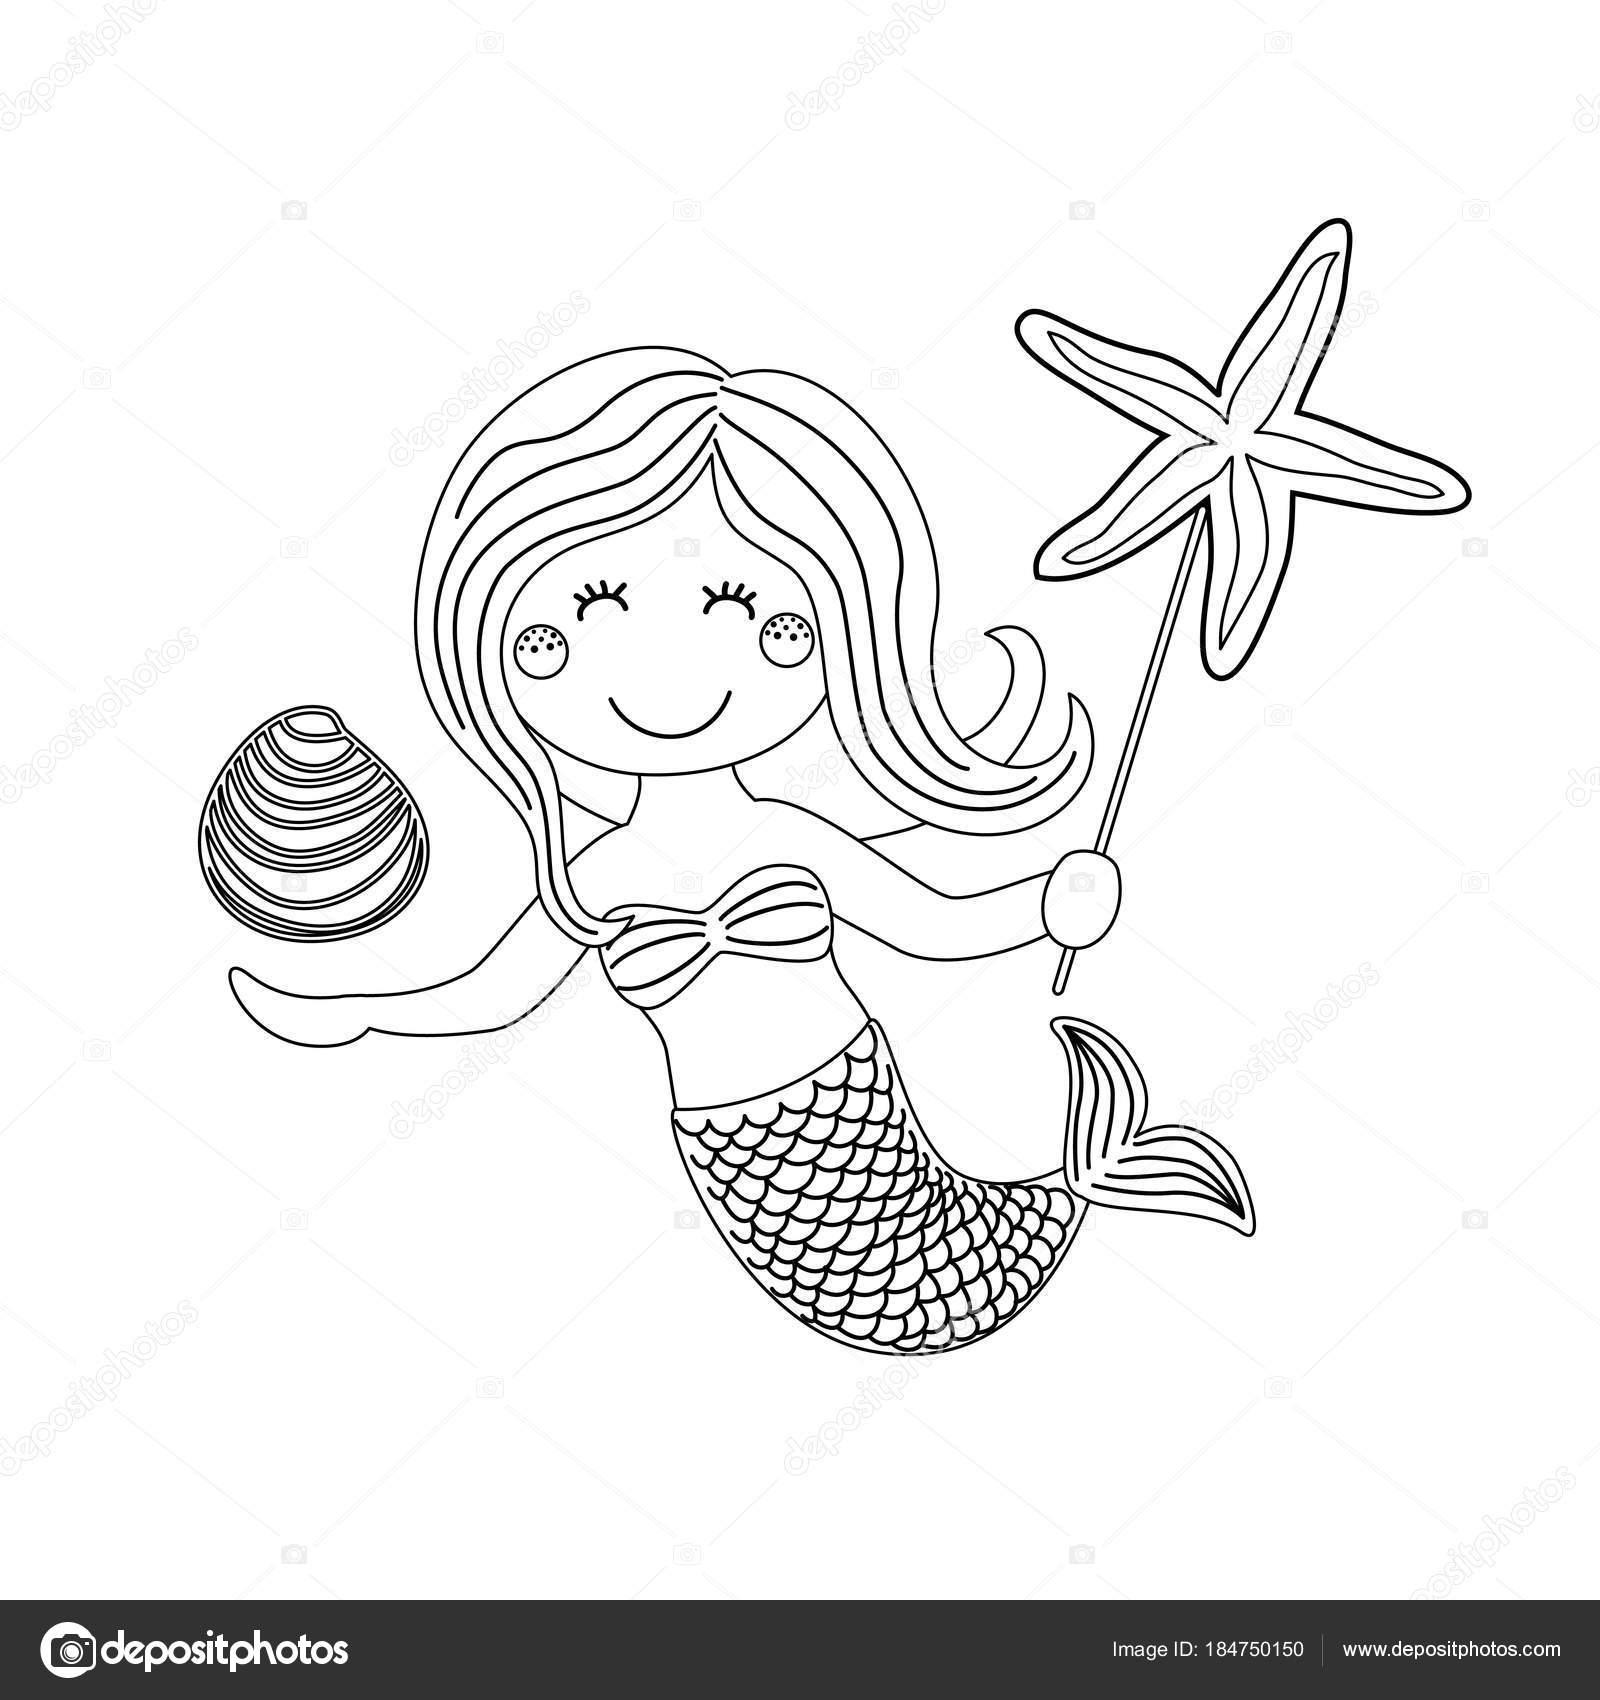 şirin çocukça Elle çizilmiş Karikatür Karakteri Ile Deniz Deniz